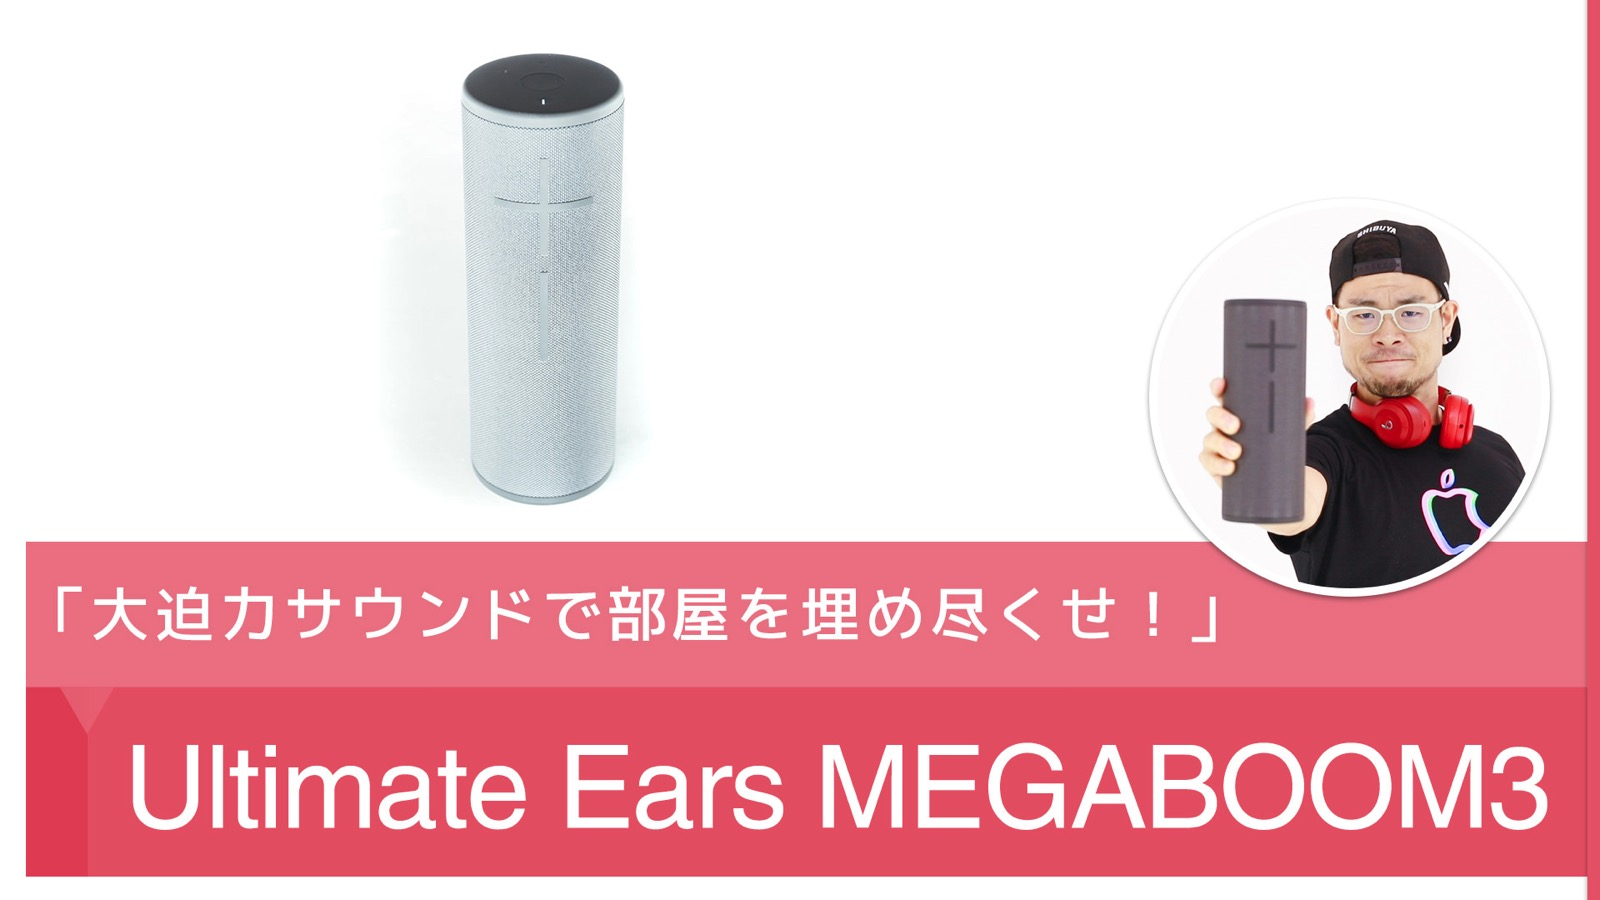 MEGABOOM.jpg